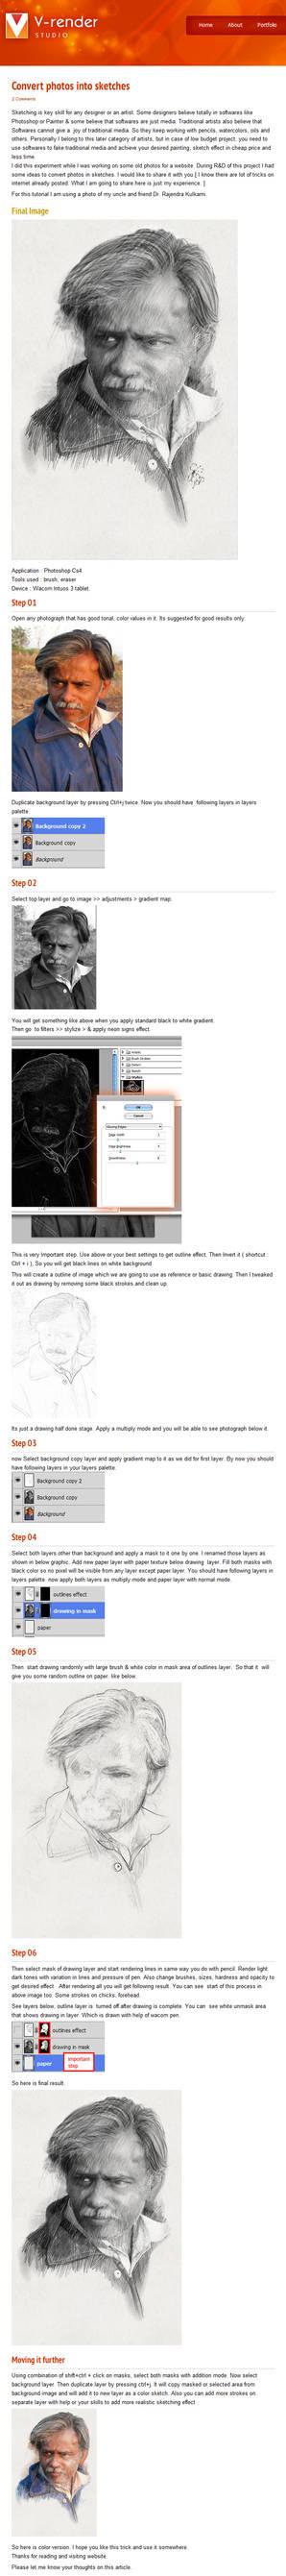 Convert photos into sketches